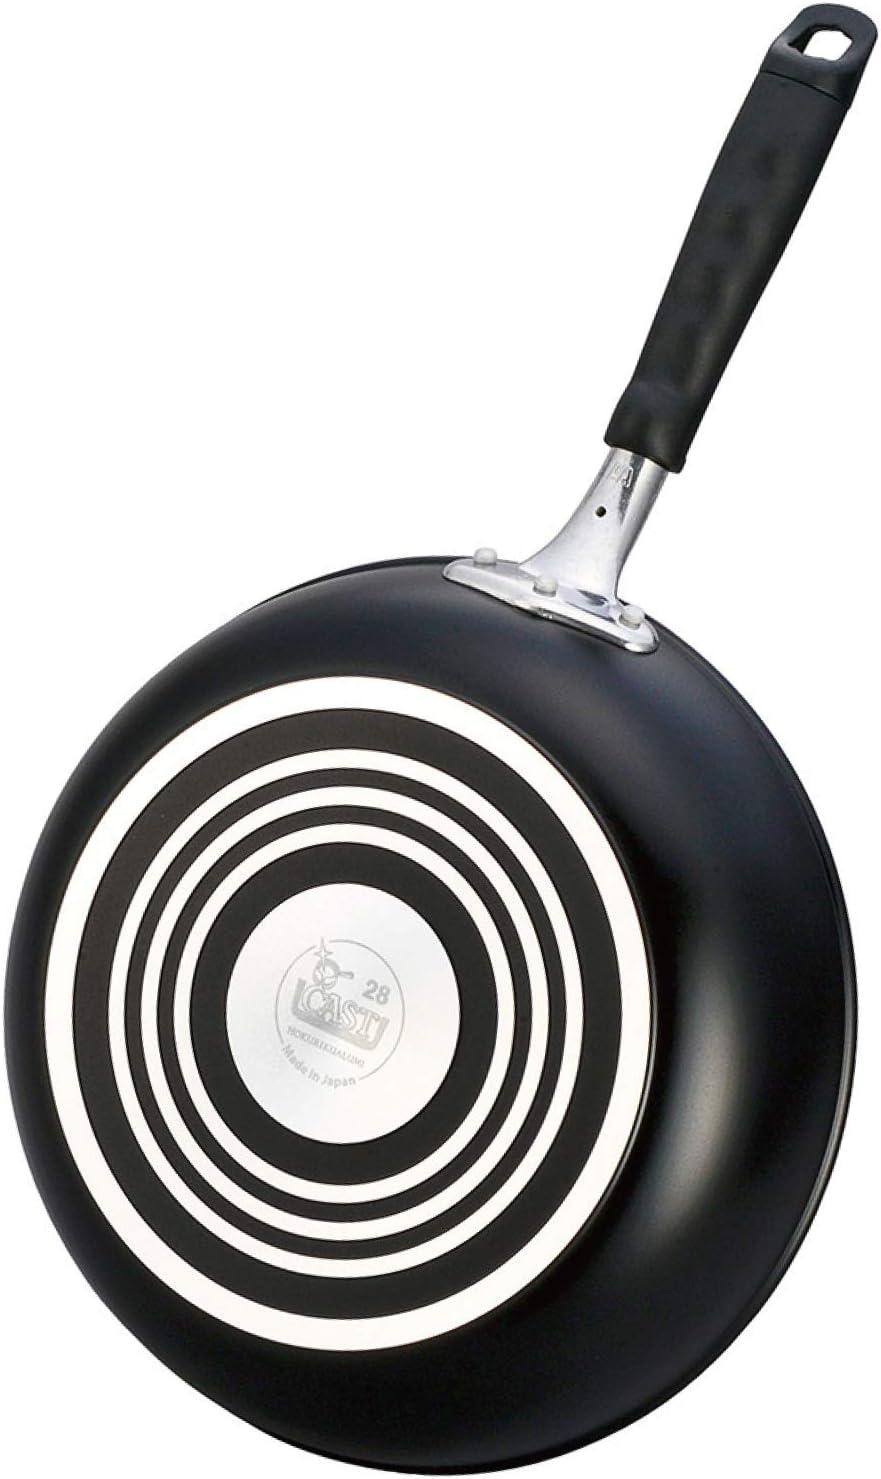 【Amazon.co.jp 限定】BKキャスト フライパン ブラック 28cm テフロン加工 「ガス専用」